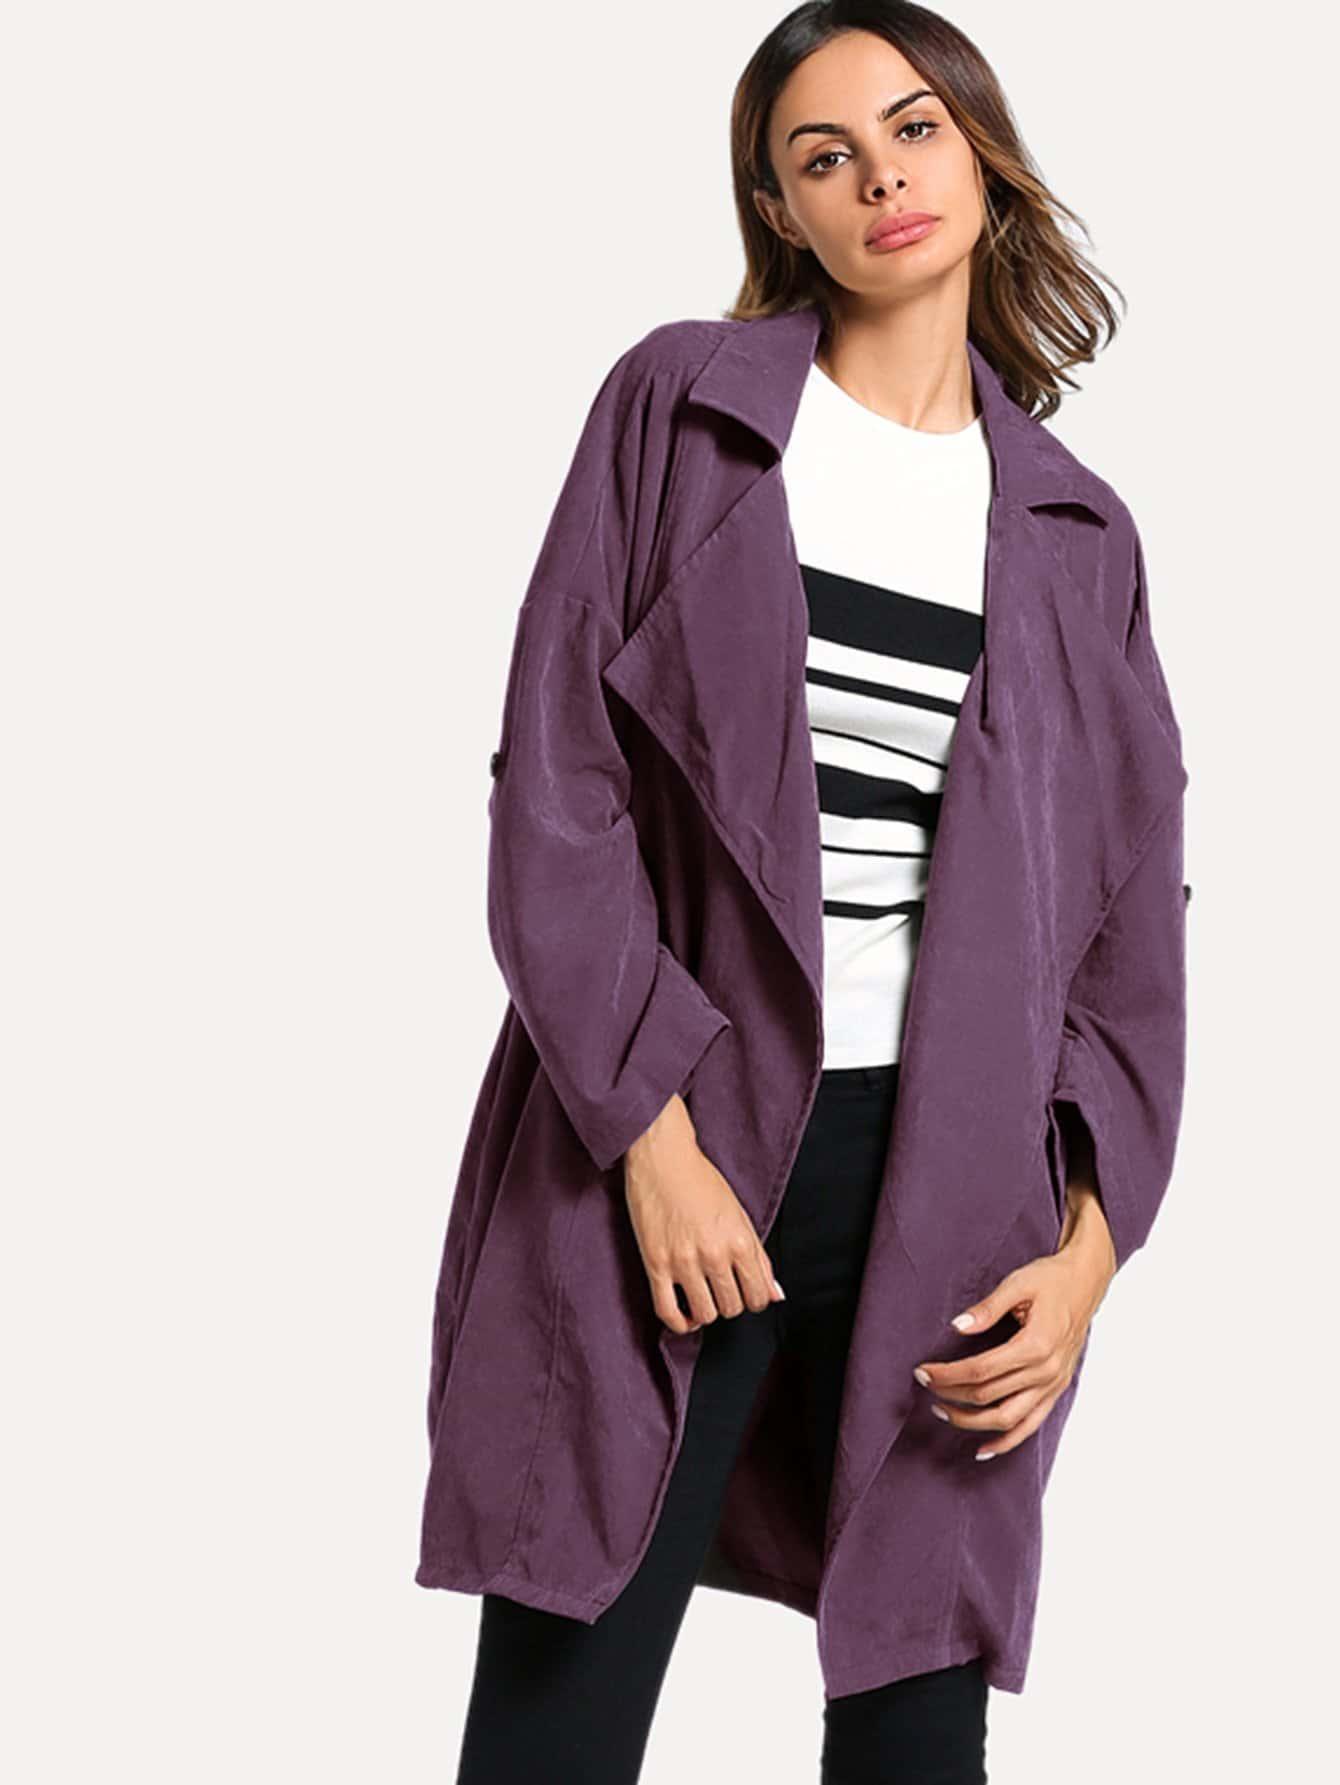 Mantel mit Revere Kragen und gerollten Ärmeln